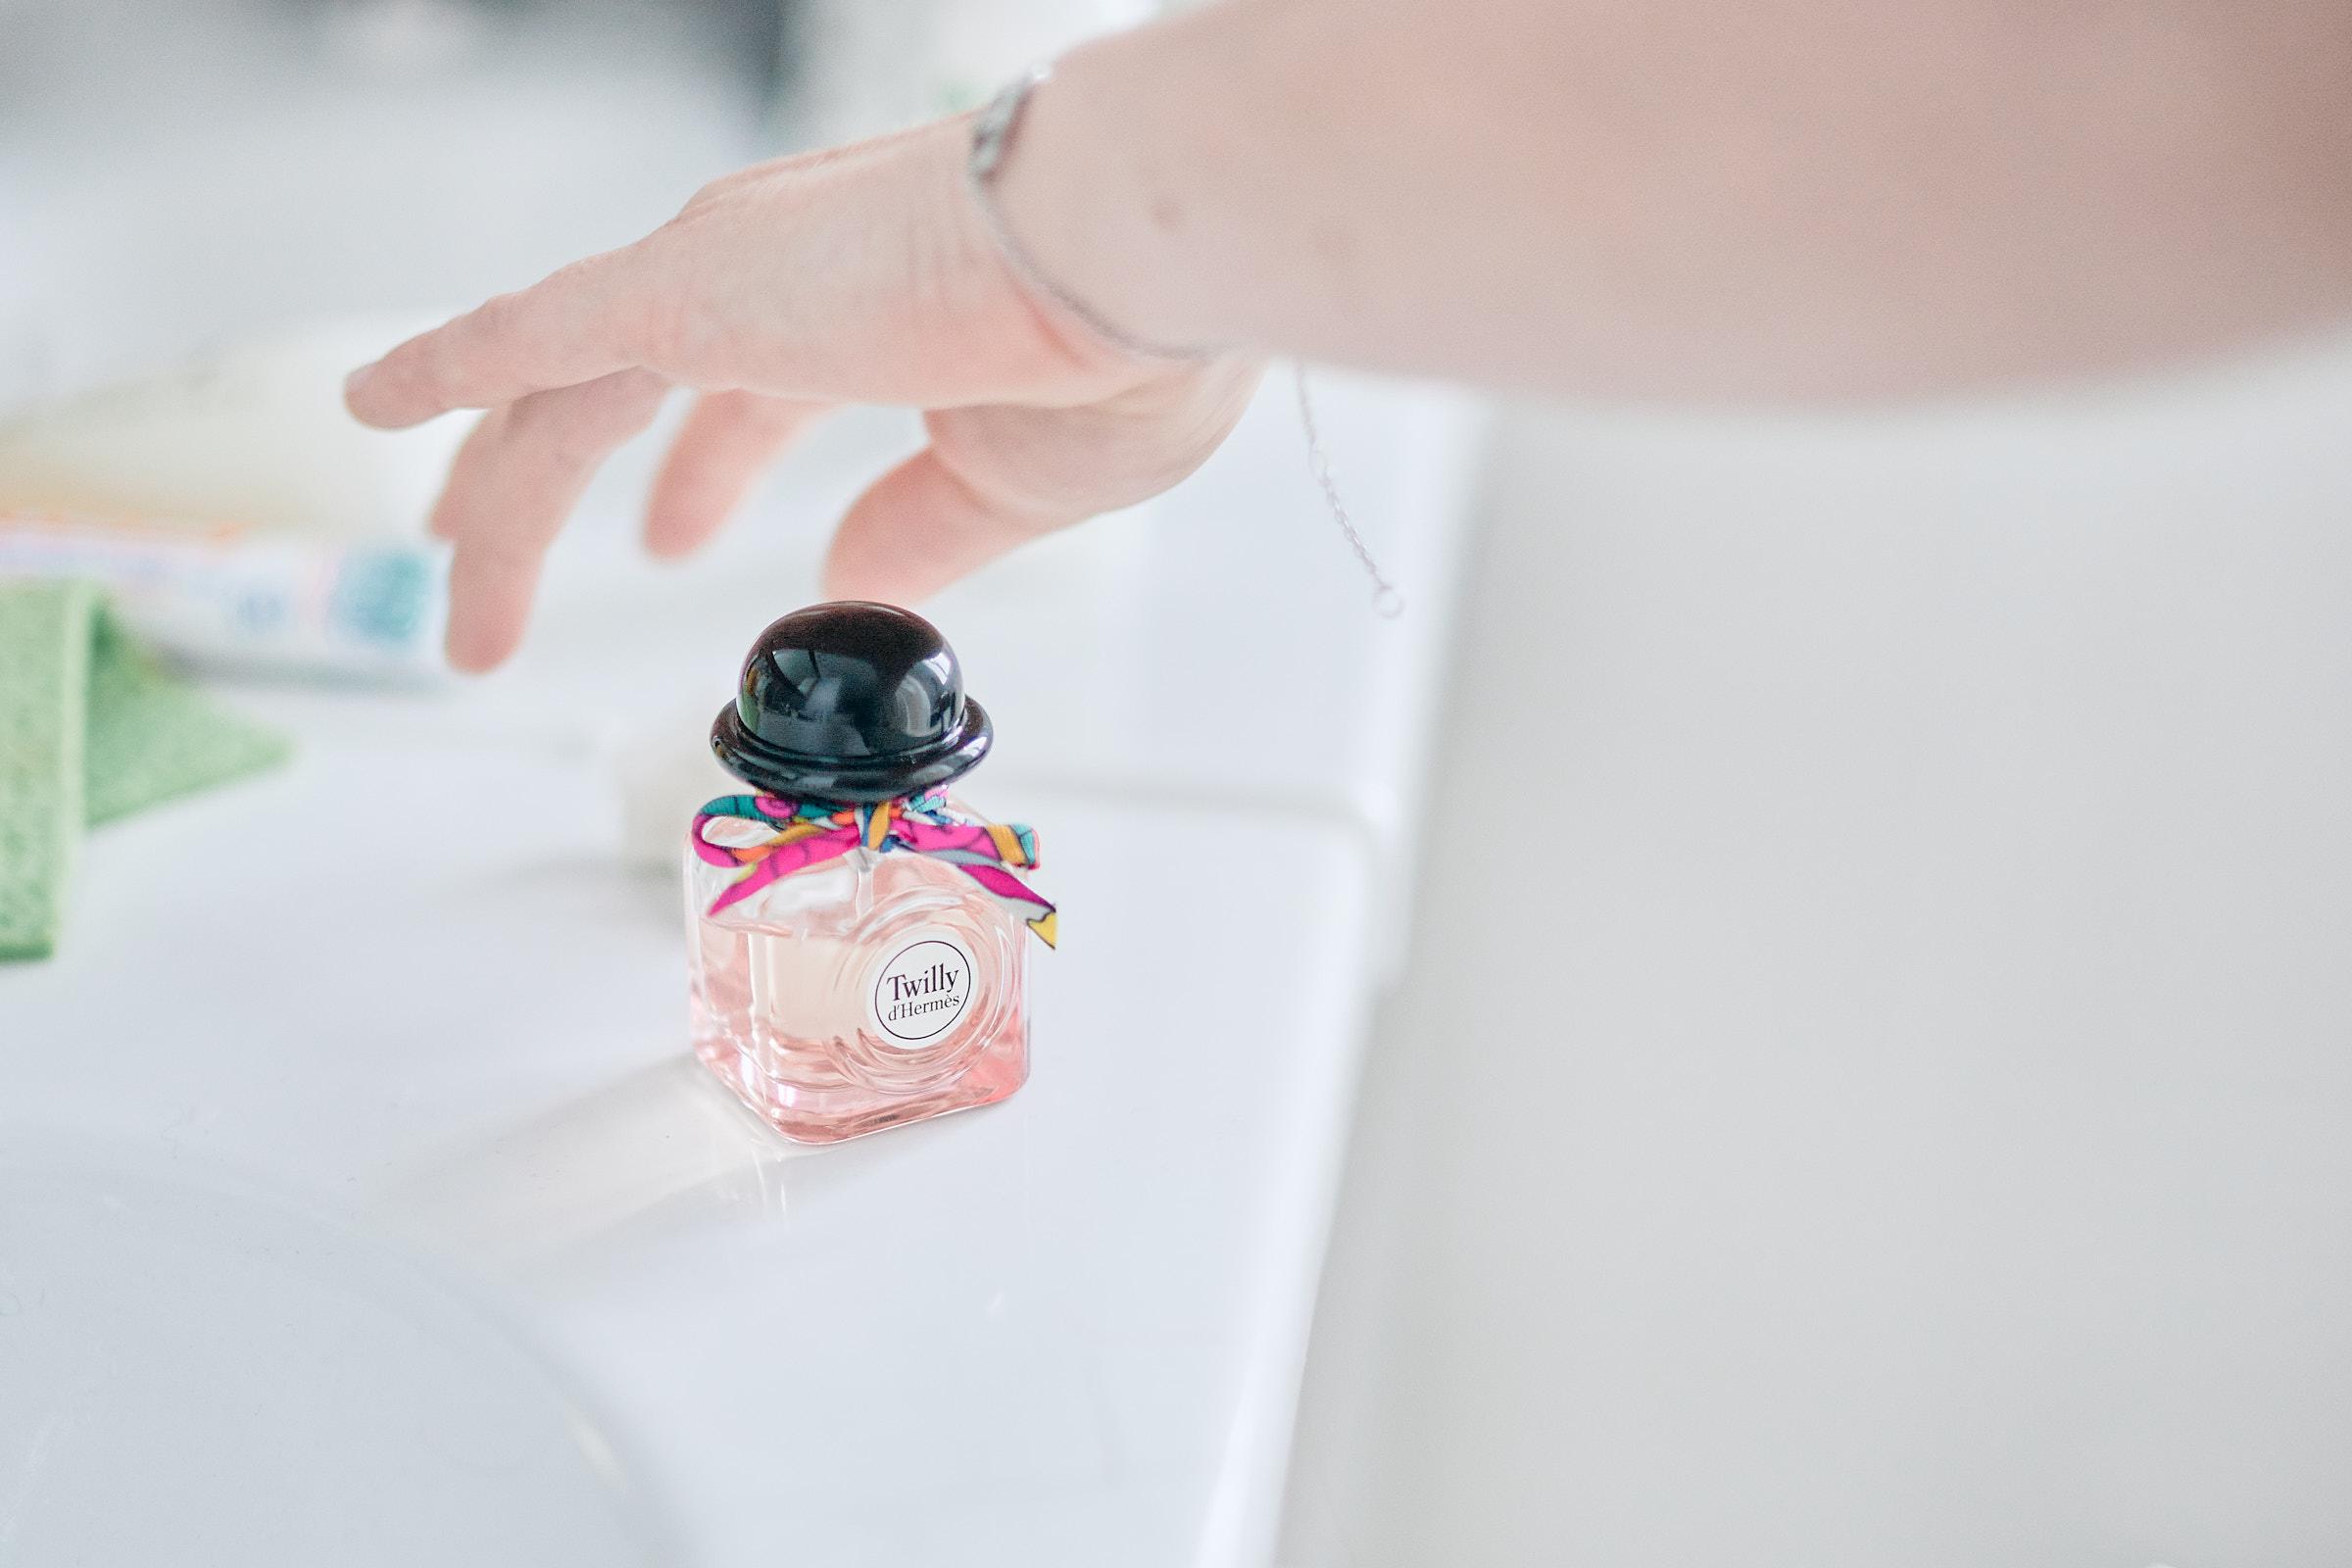 le parfum de la mariée Twilly d'Hermès